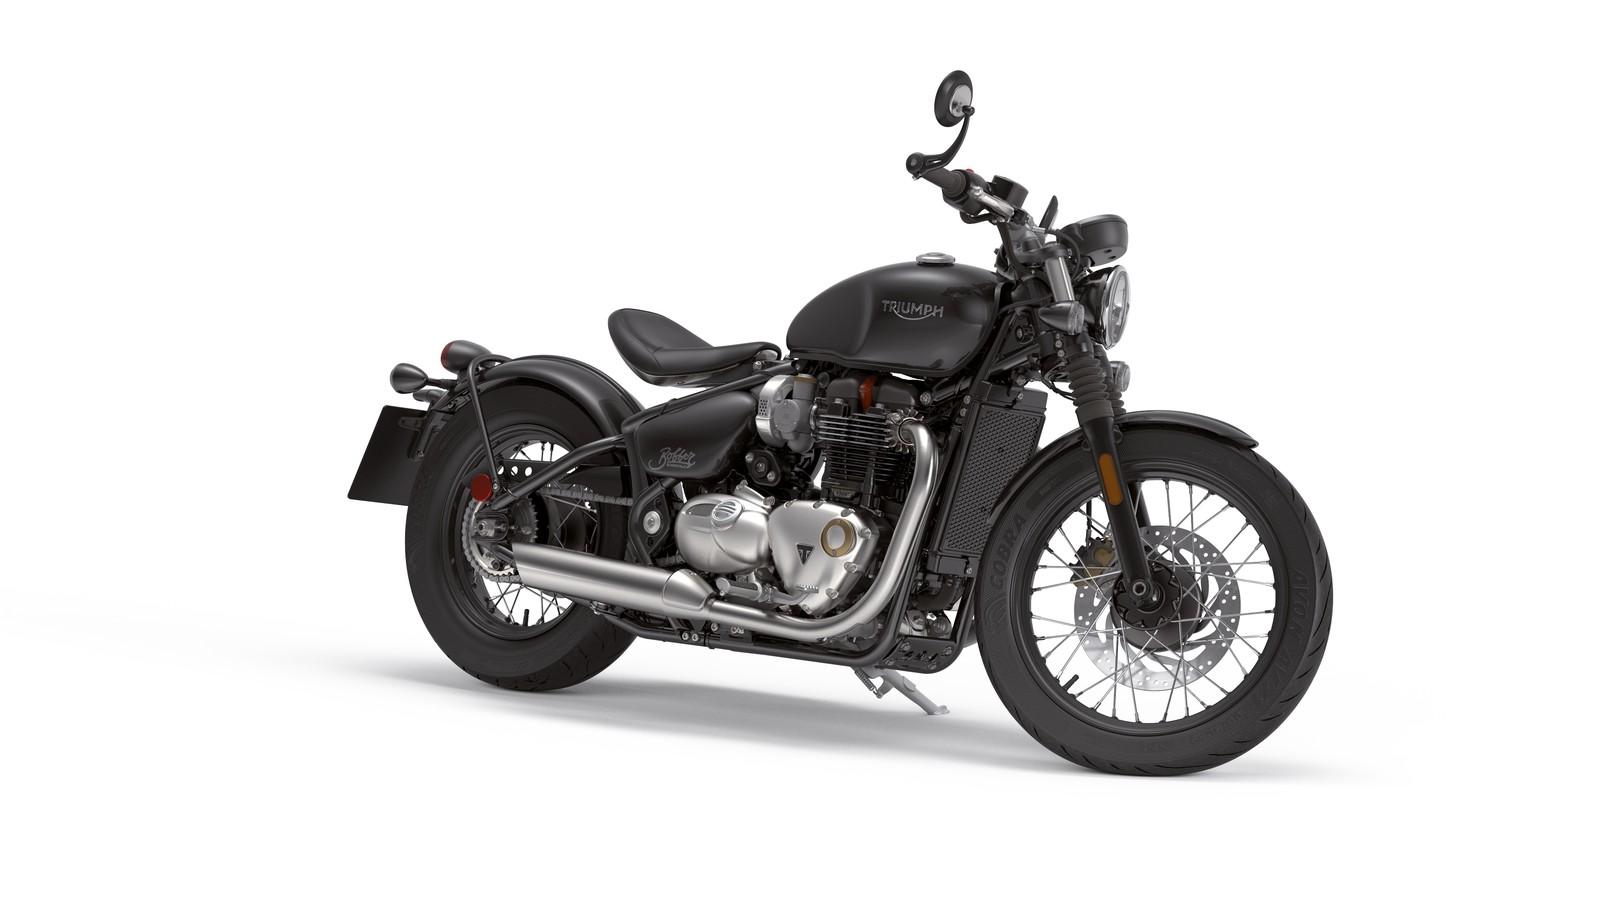 Die Motorräder von Triumph vereinen in einem markanten Design verschiedene Stilelemente von Motorrädern der ersten Stunde mit zweckmäßiger Technik und echter Leidenschaft fürs Motorradfahren der Zukunft.